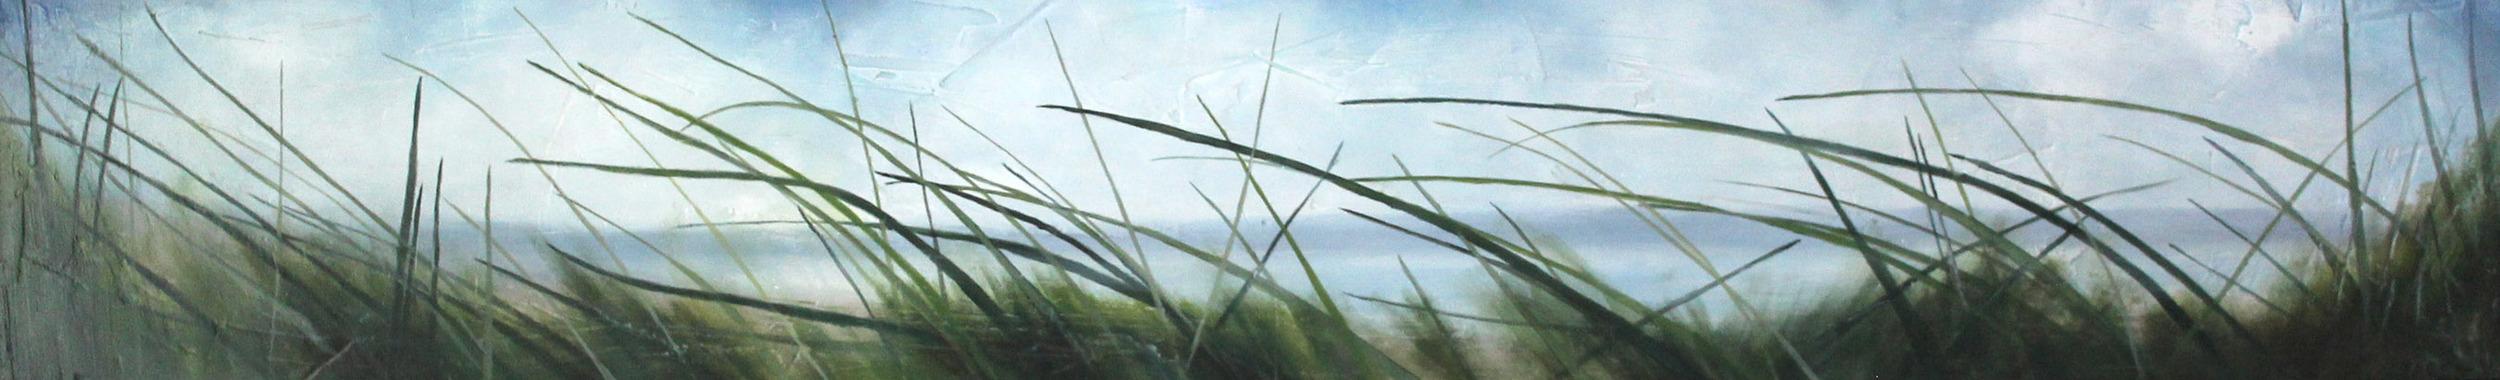 sea grass #16, 10''x60'' cropped resized, 300dpi, 9''x1''.jpg